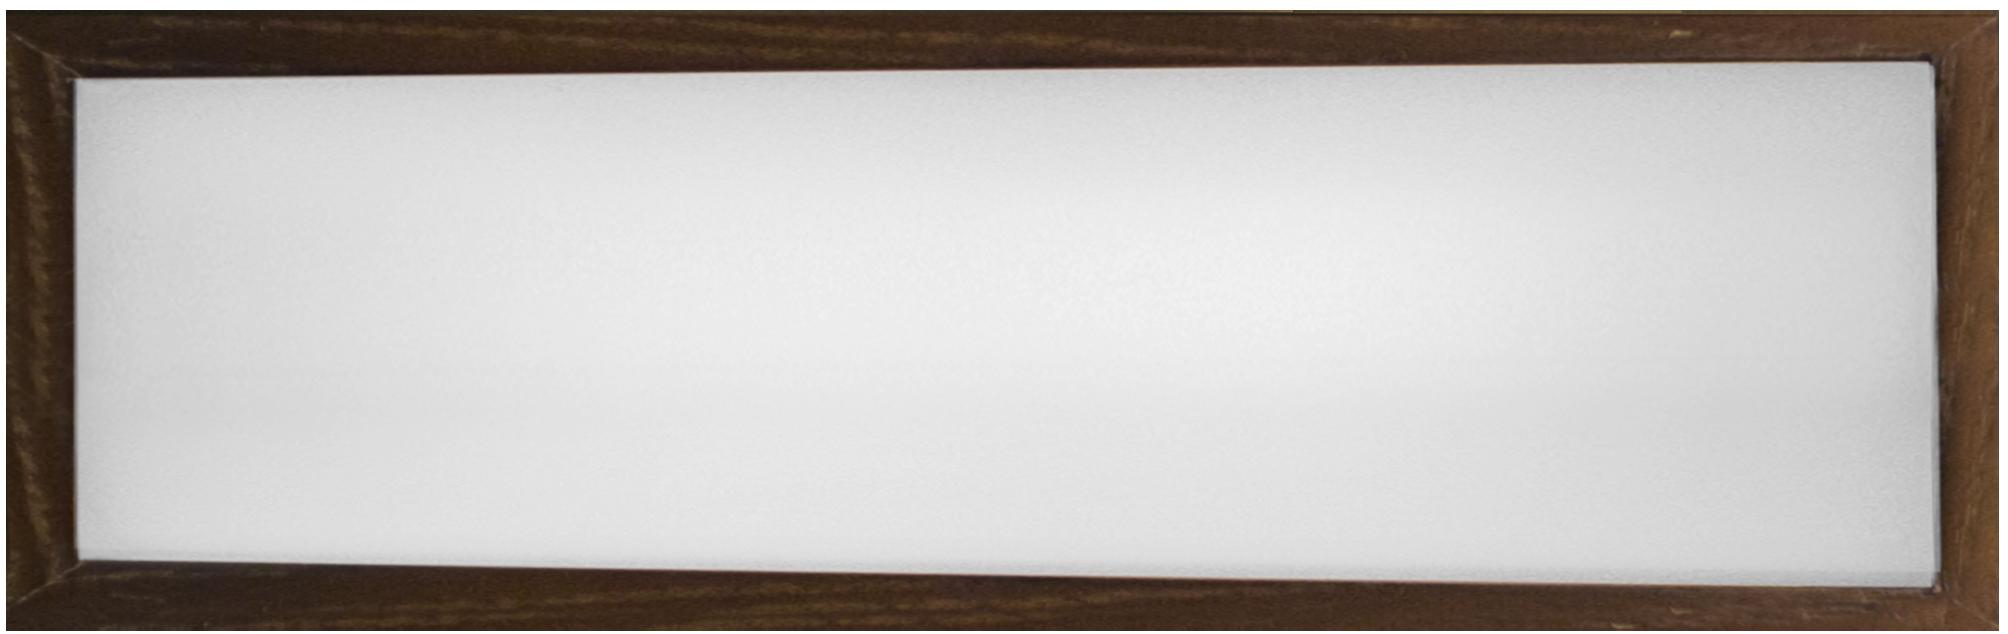 Светильник встраиваемый SQUARE BS555/B960x250